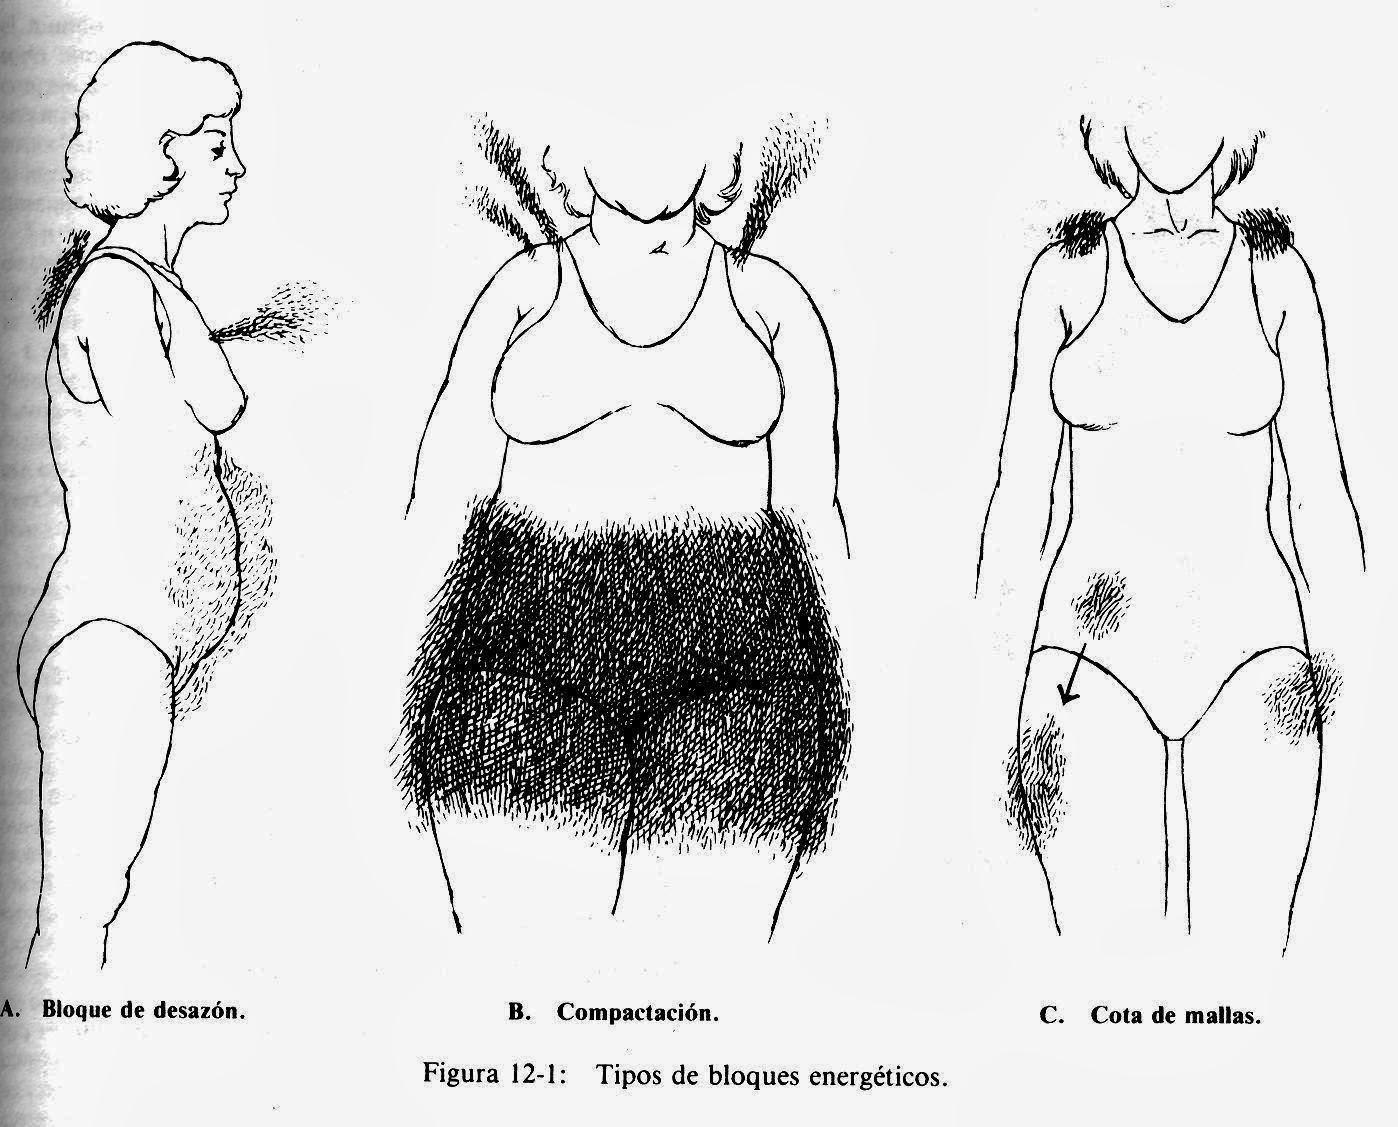 Barbara Brennan-3 figuras femeninas indicando bloques de desazón, compactación y cota de mallas.